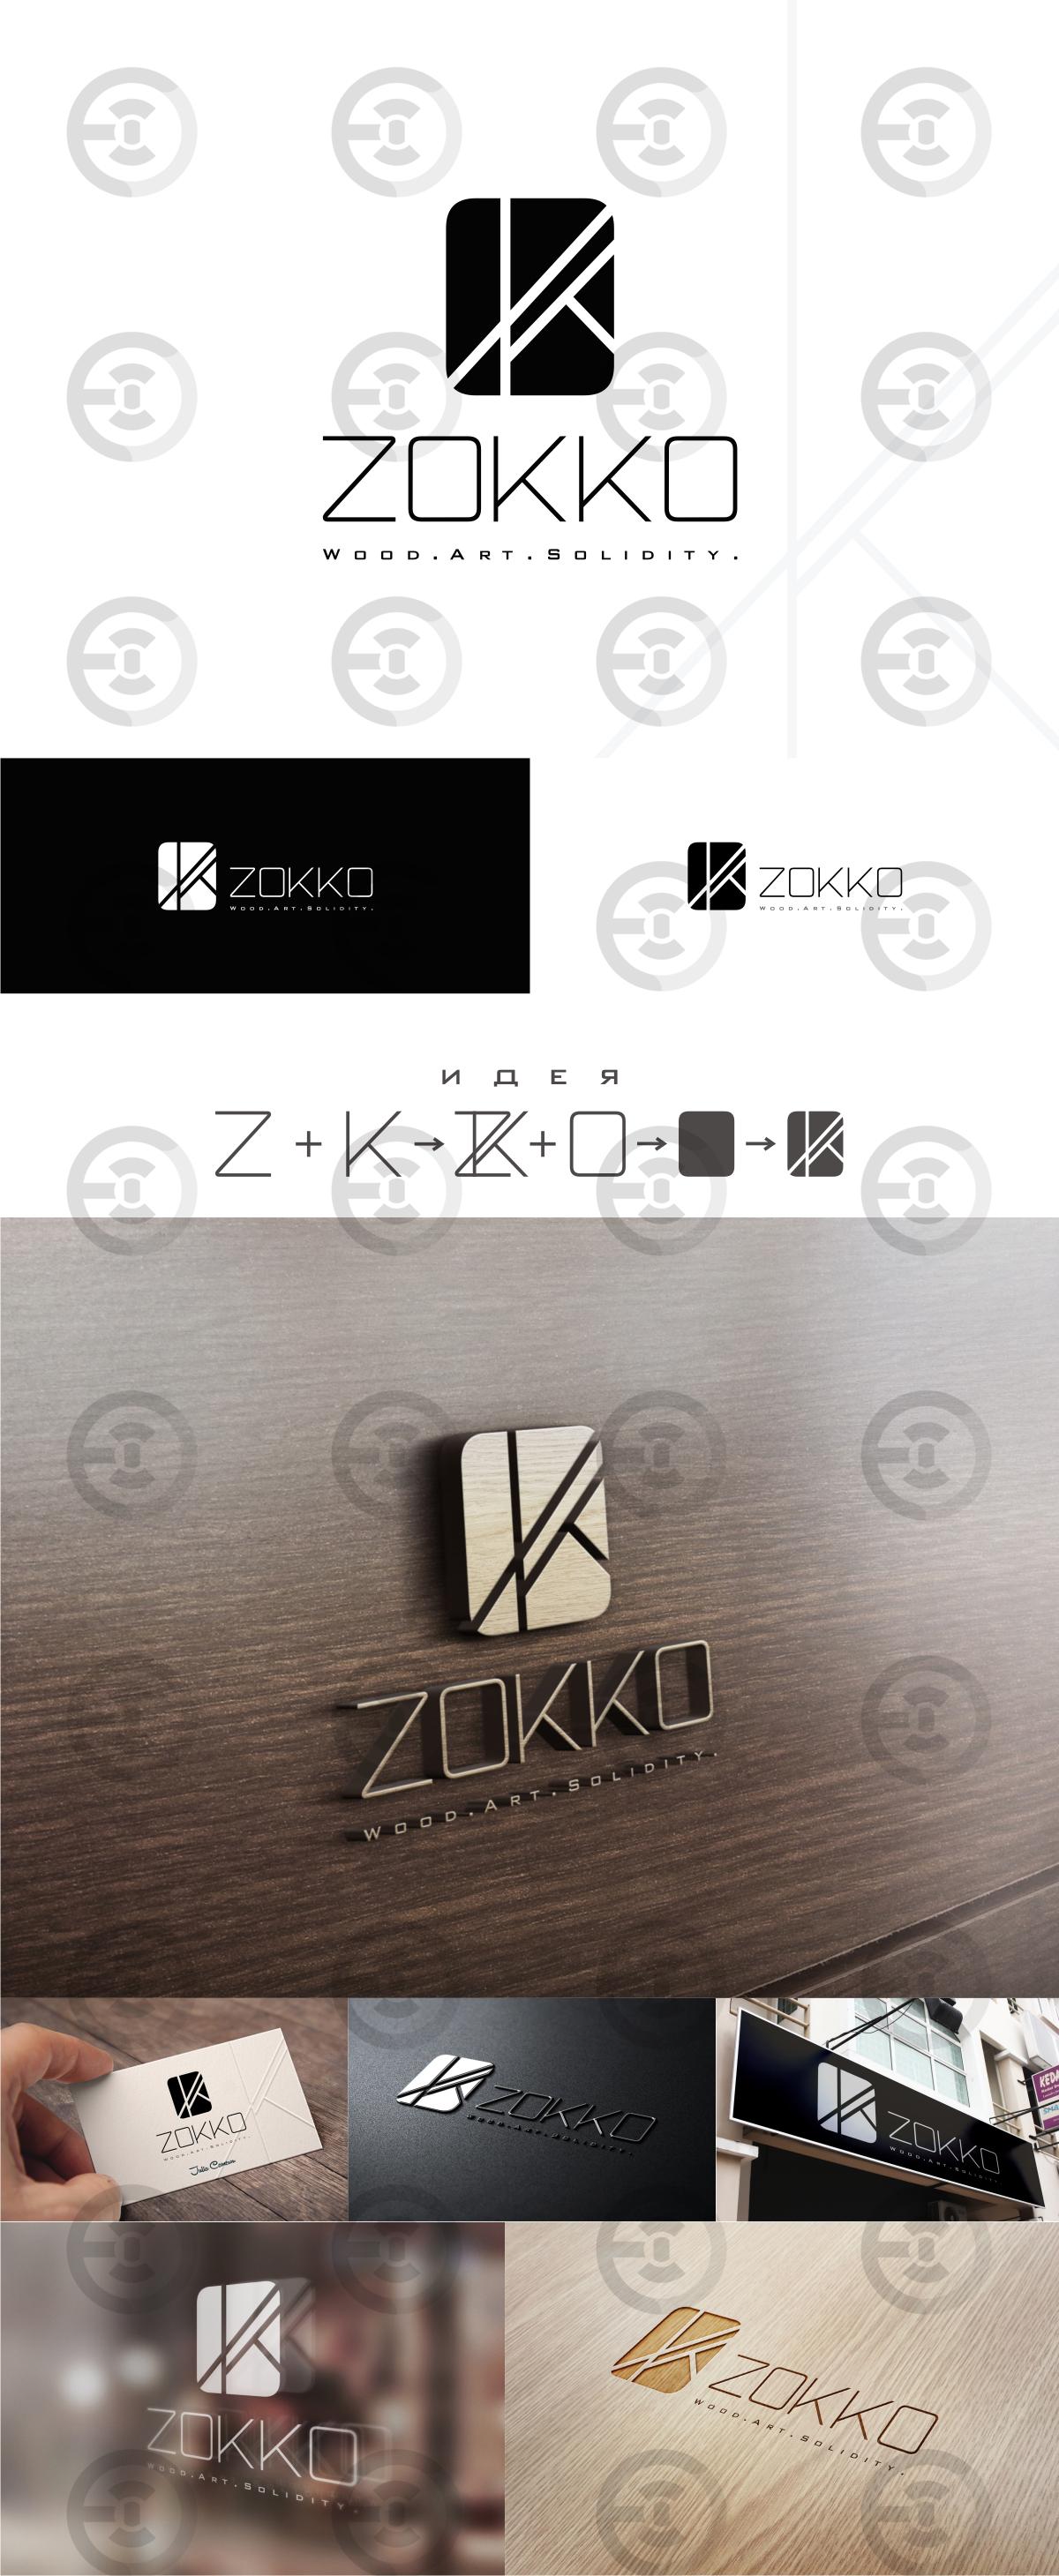 ZOKKO_1.jpg